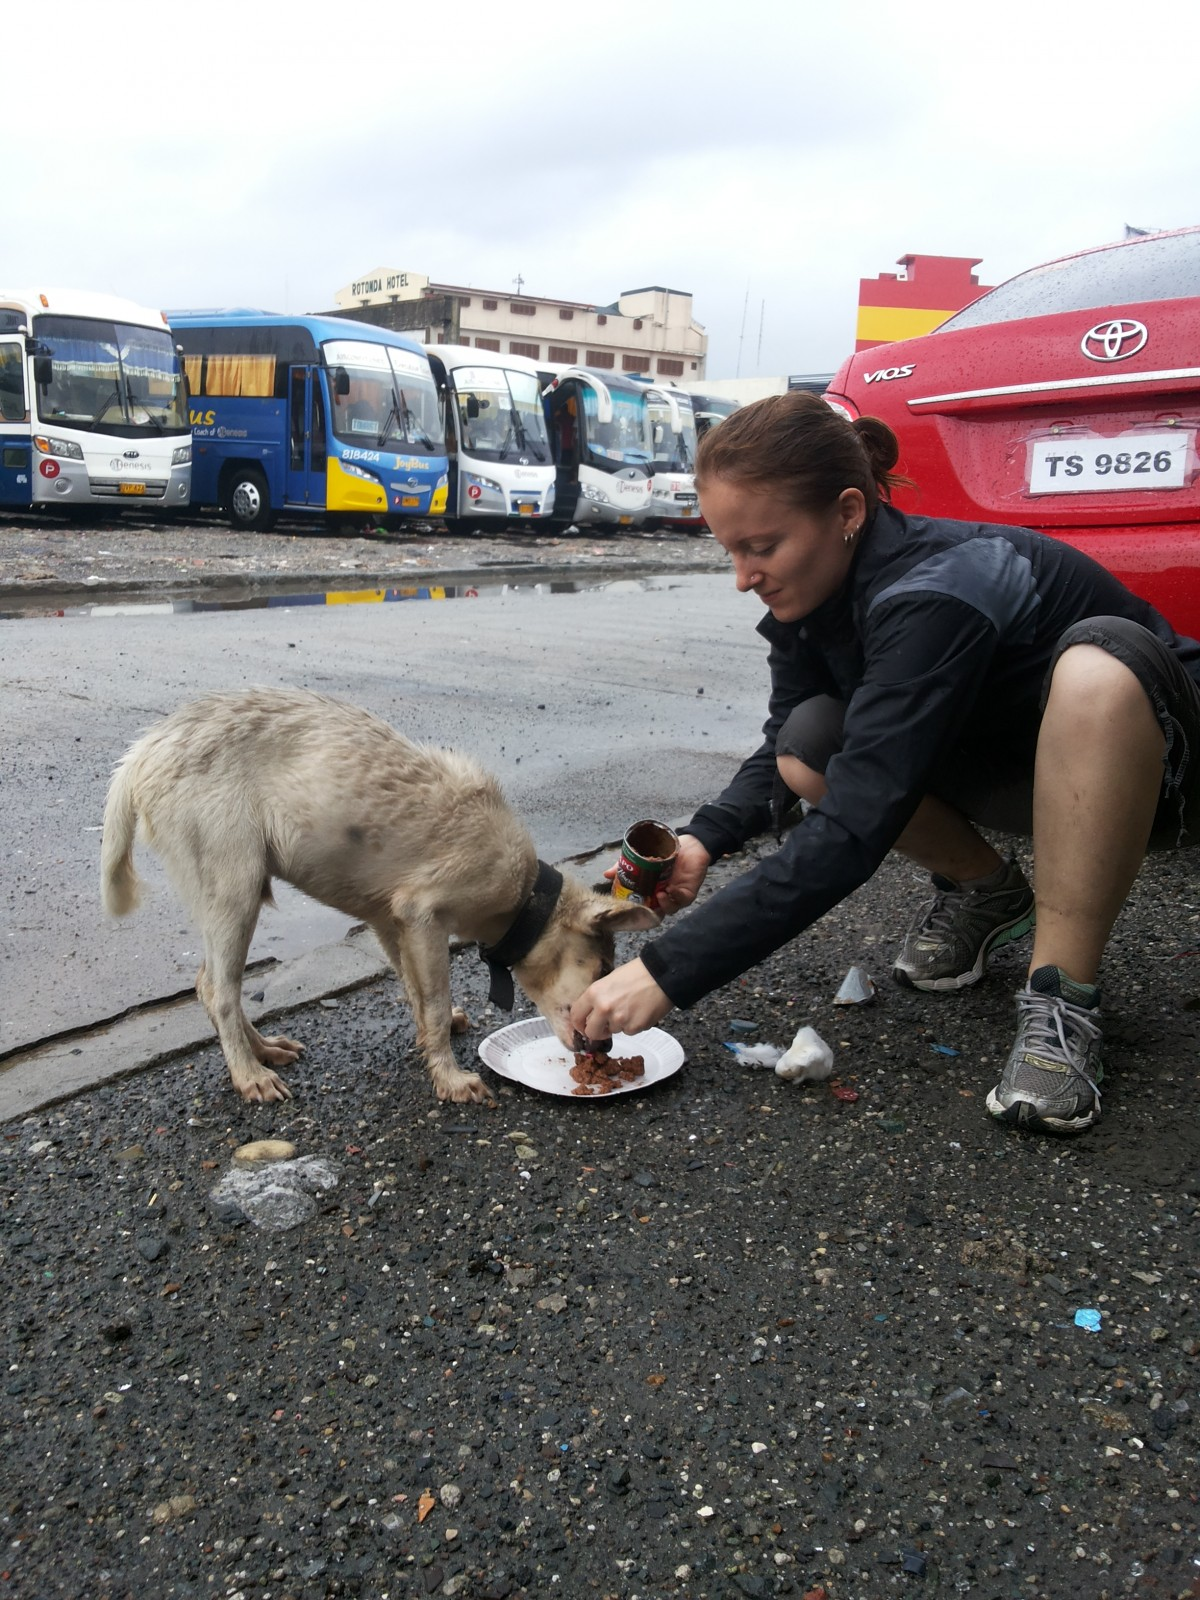 Dog in Philippines floods